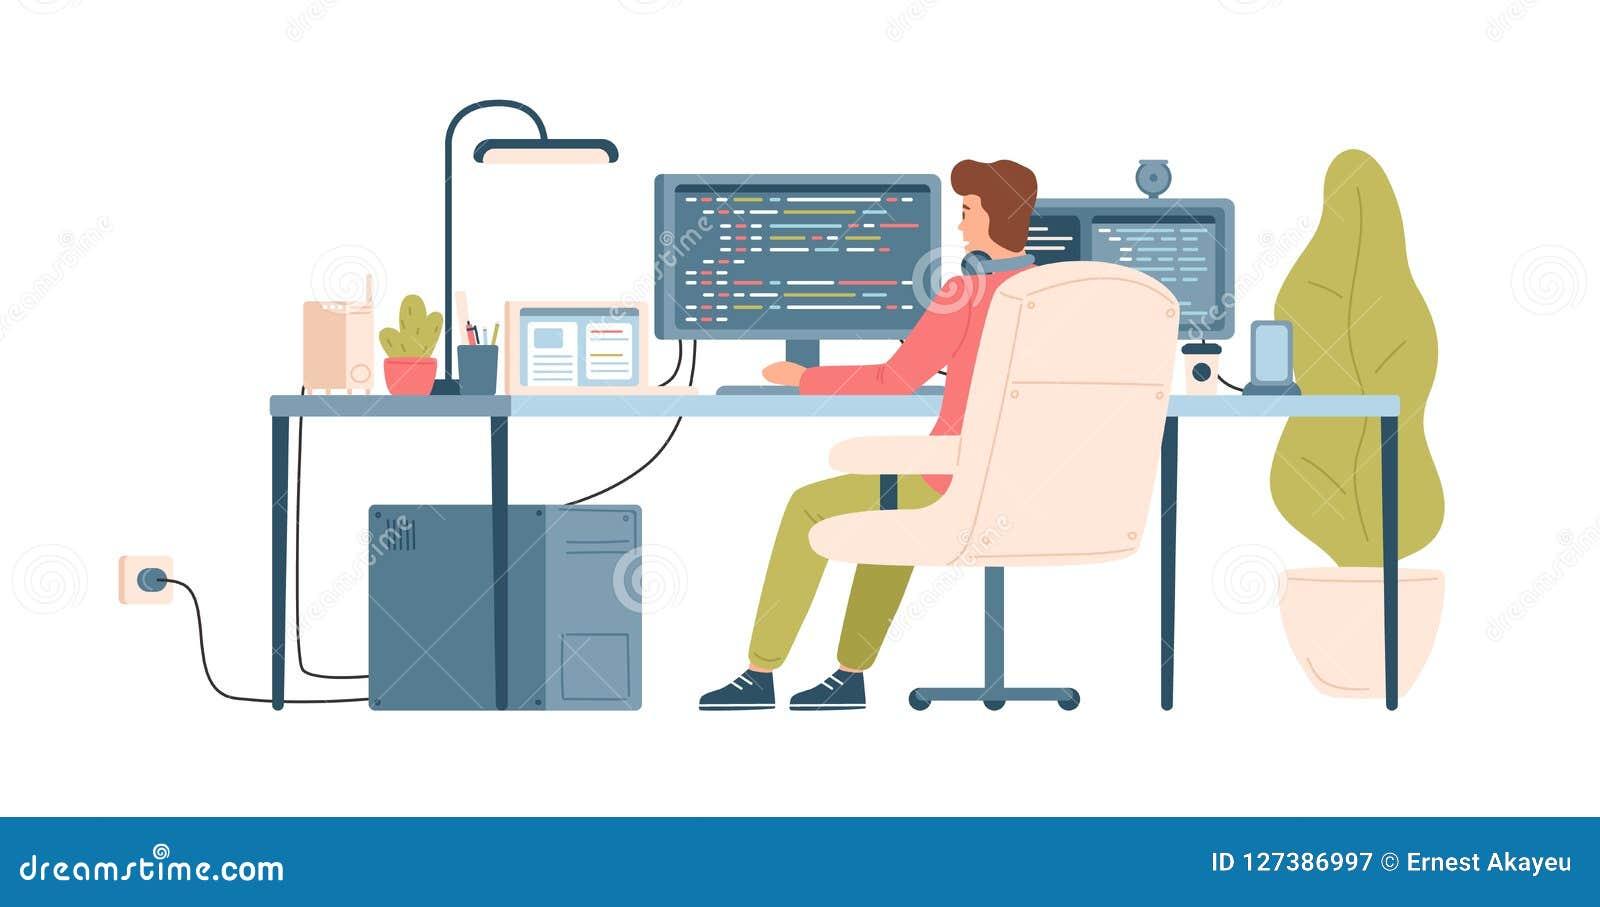 程序员、编码人、网络开发商或者坐在书桌和工作在计算机或编程的软件工程师 工作场所